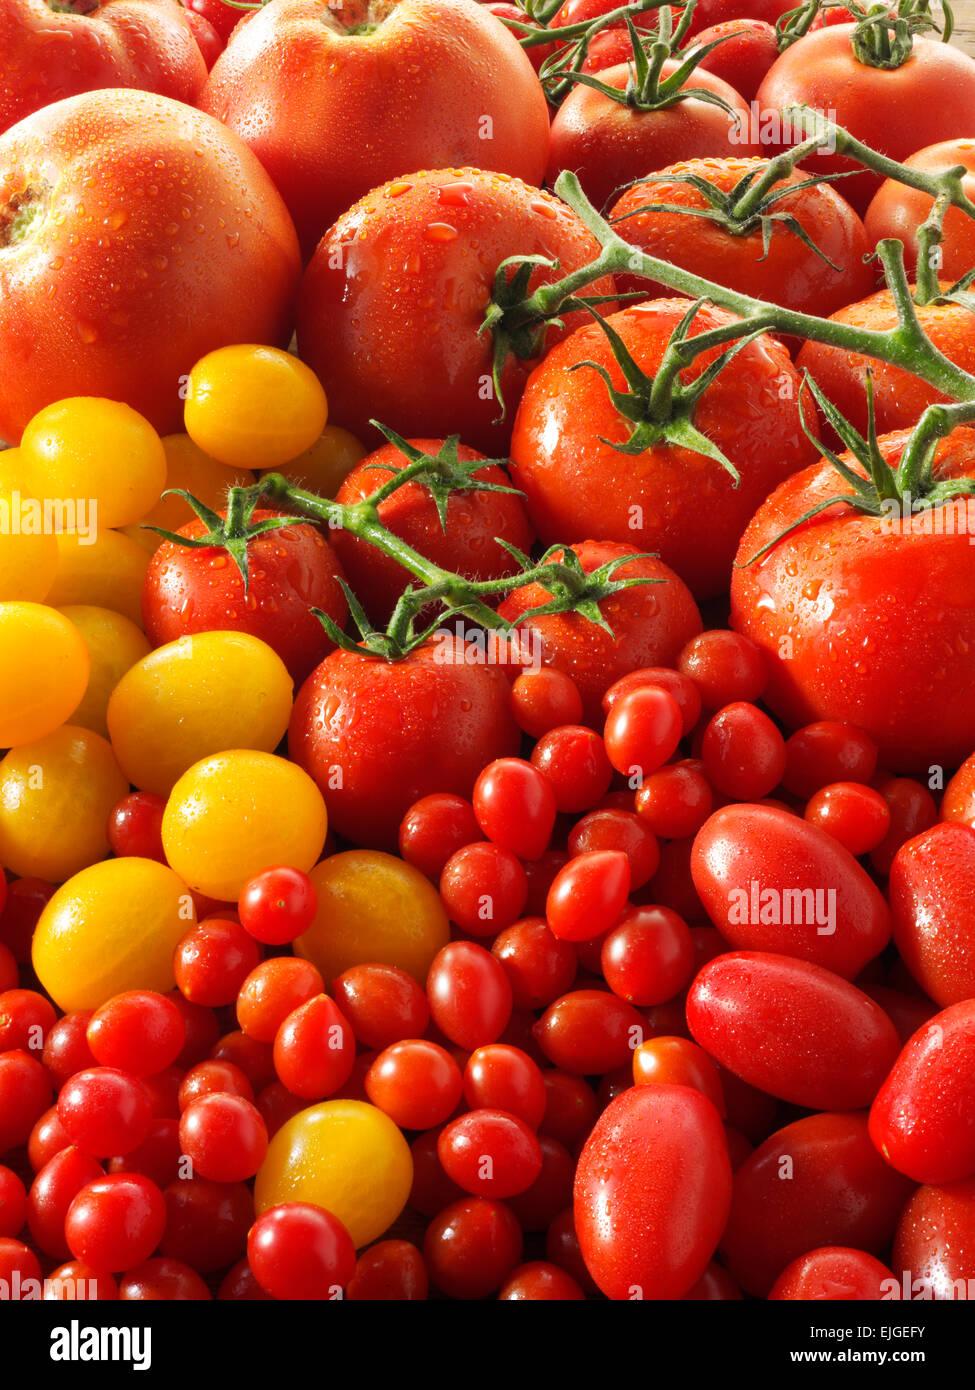 Mista Fresca pomodori interi Immagini Stock